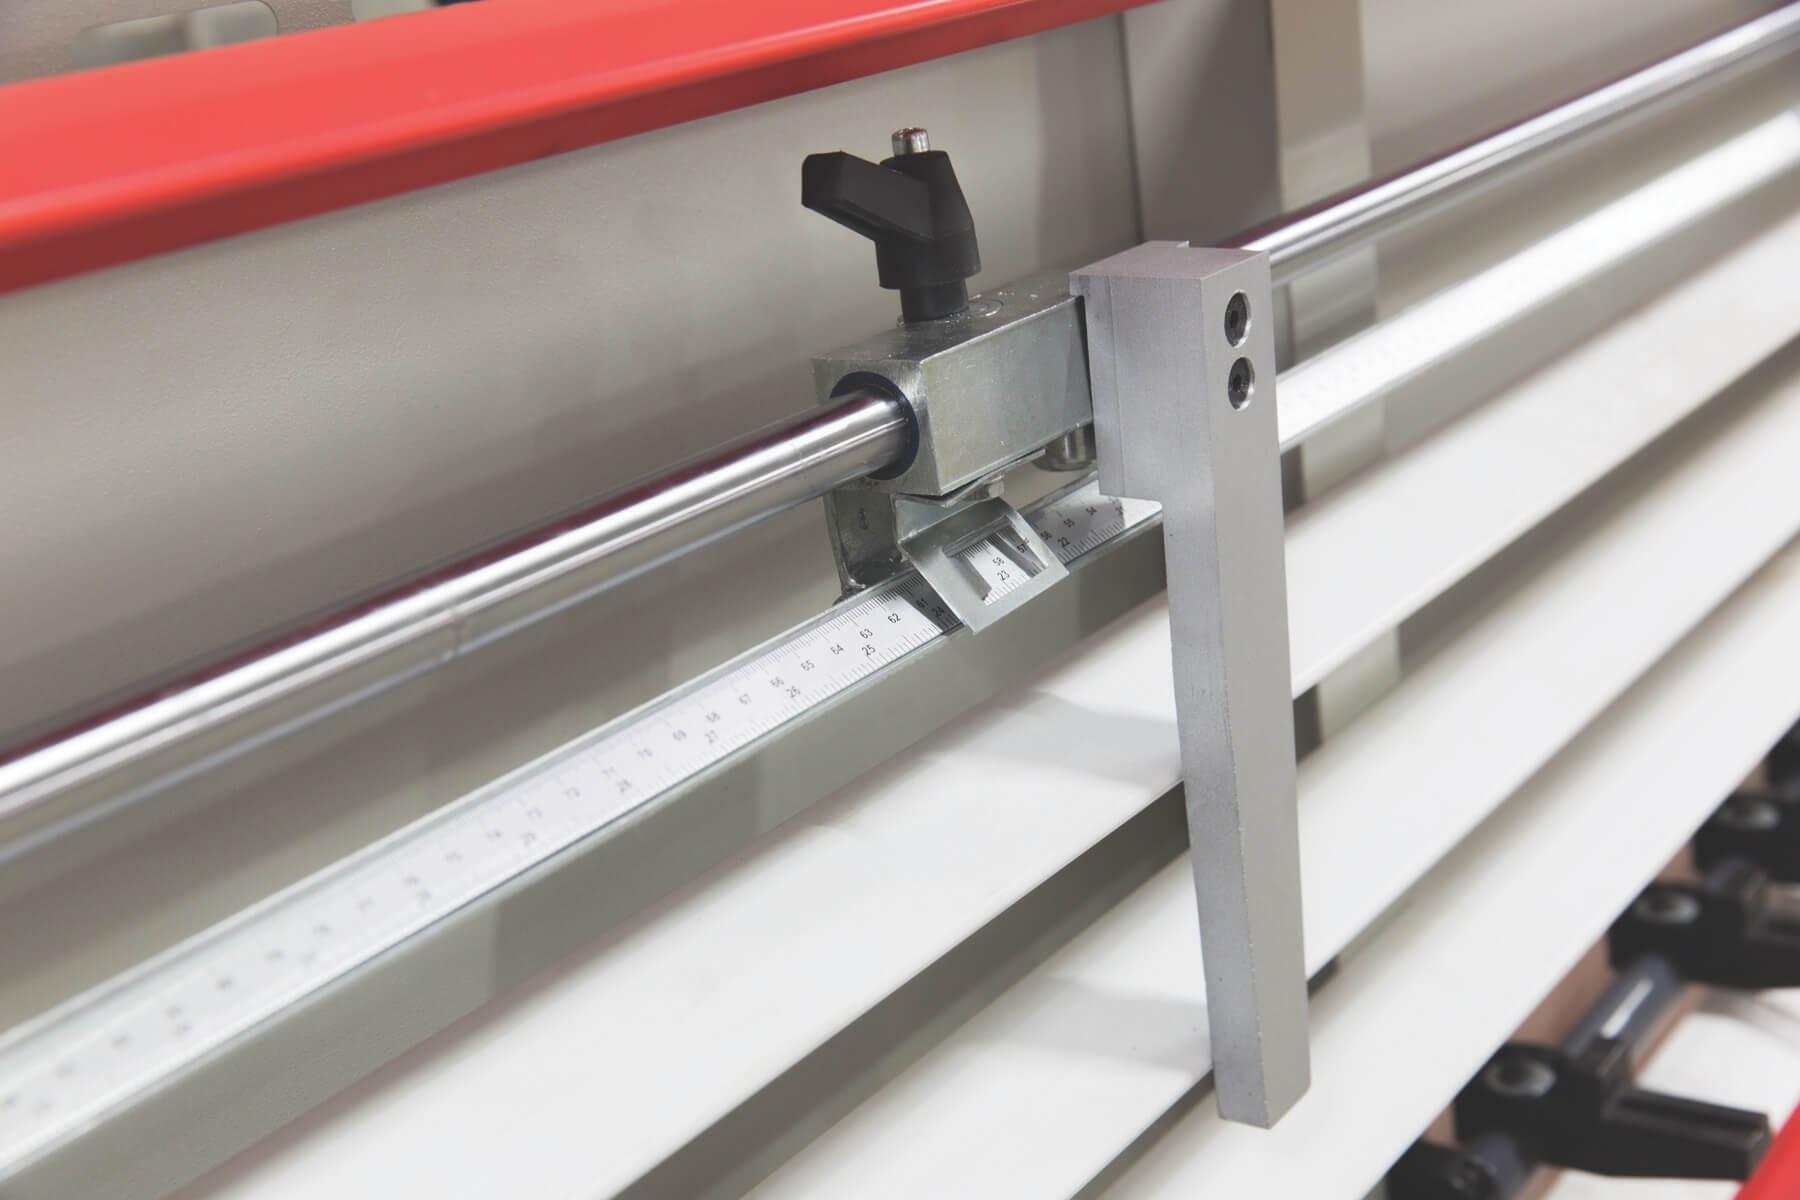 Dispositif tournable pour l'appui de pieces petites à couper